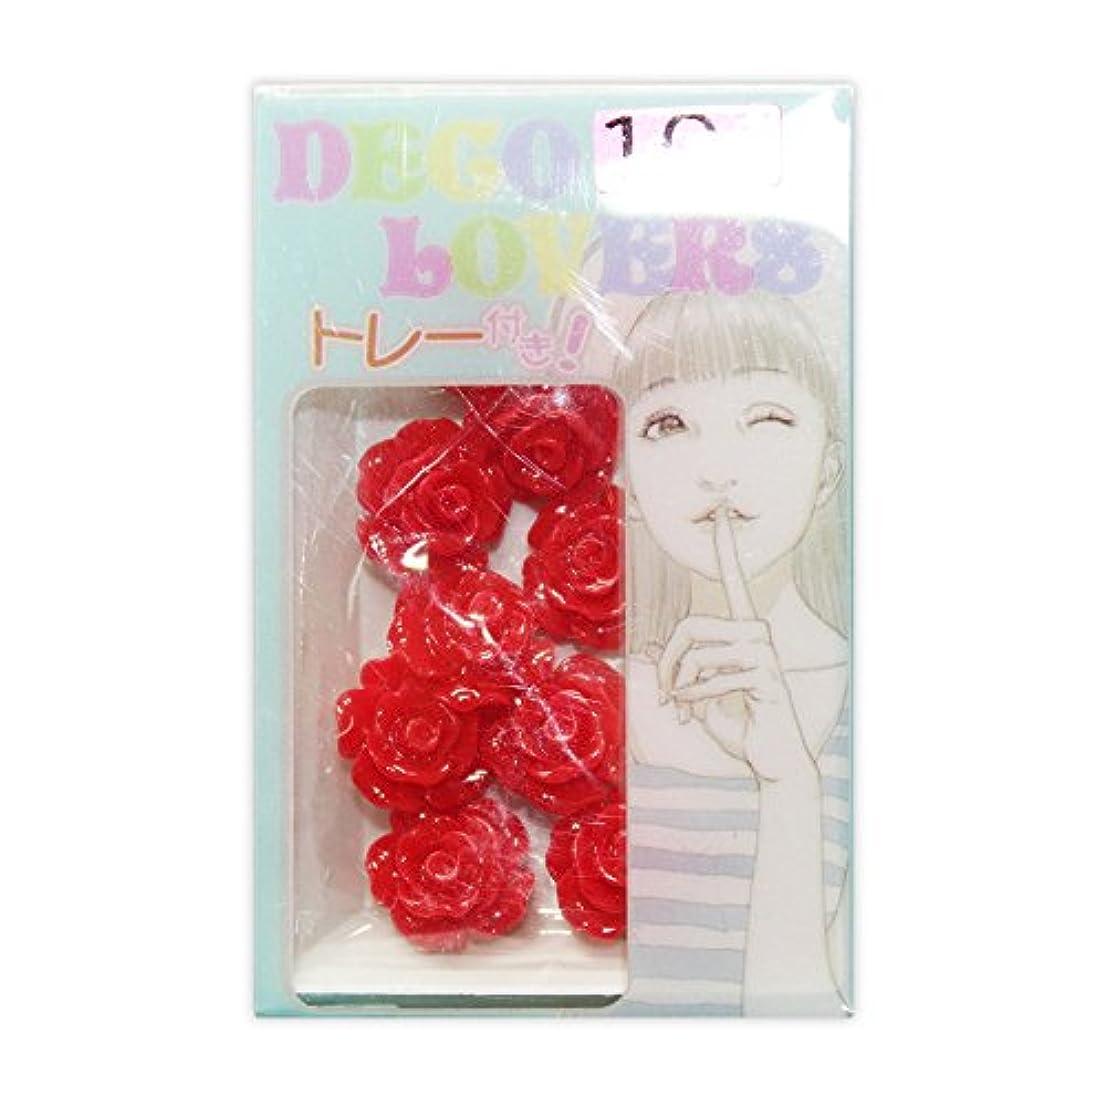 ラインストーン DL017/flower rosem red